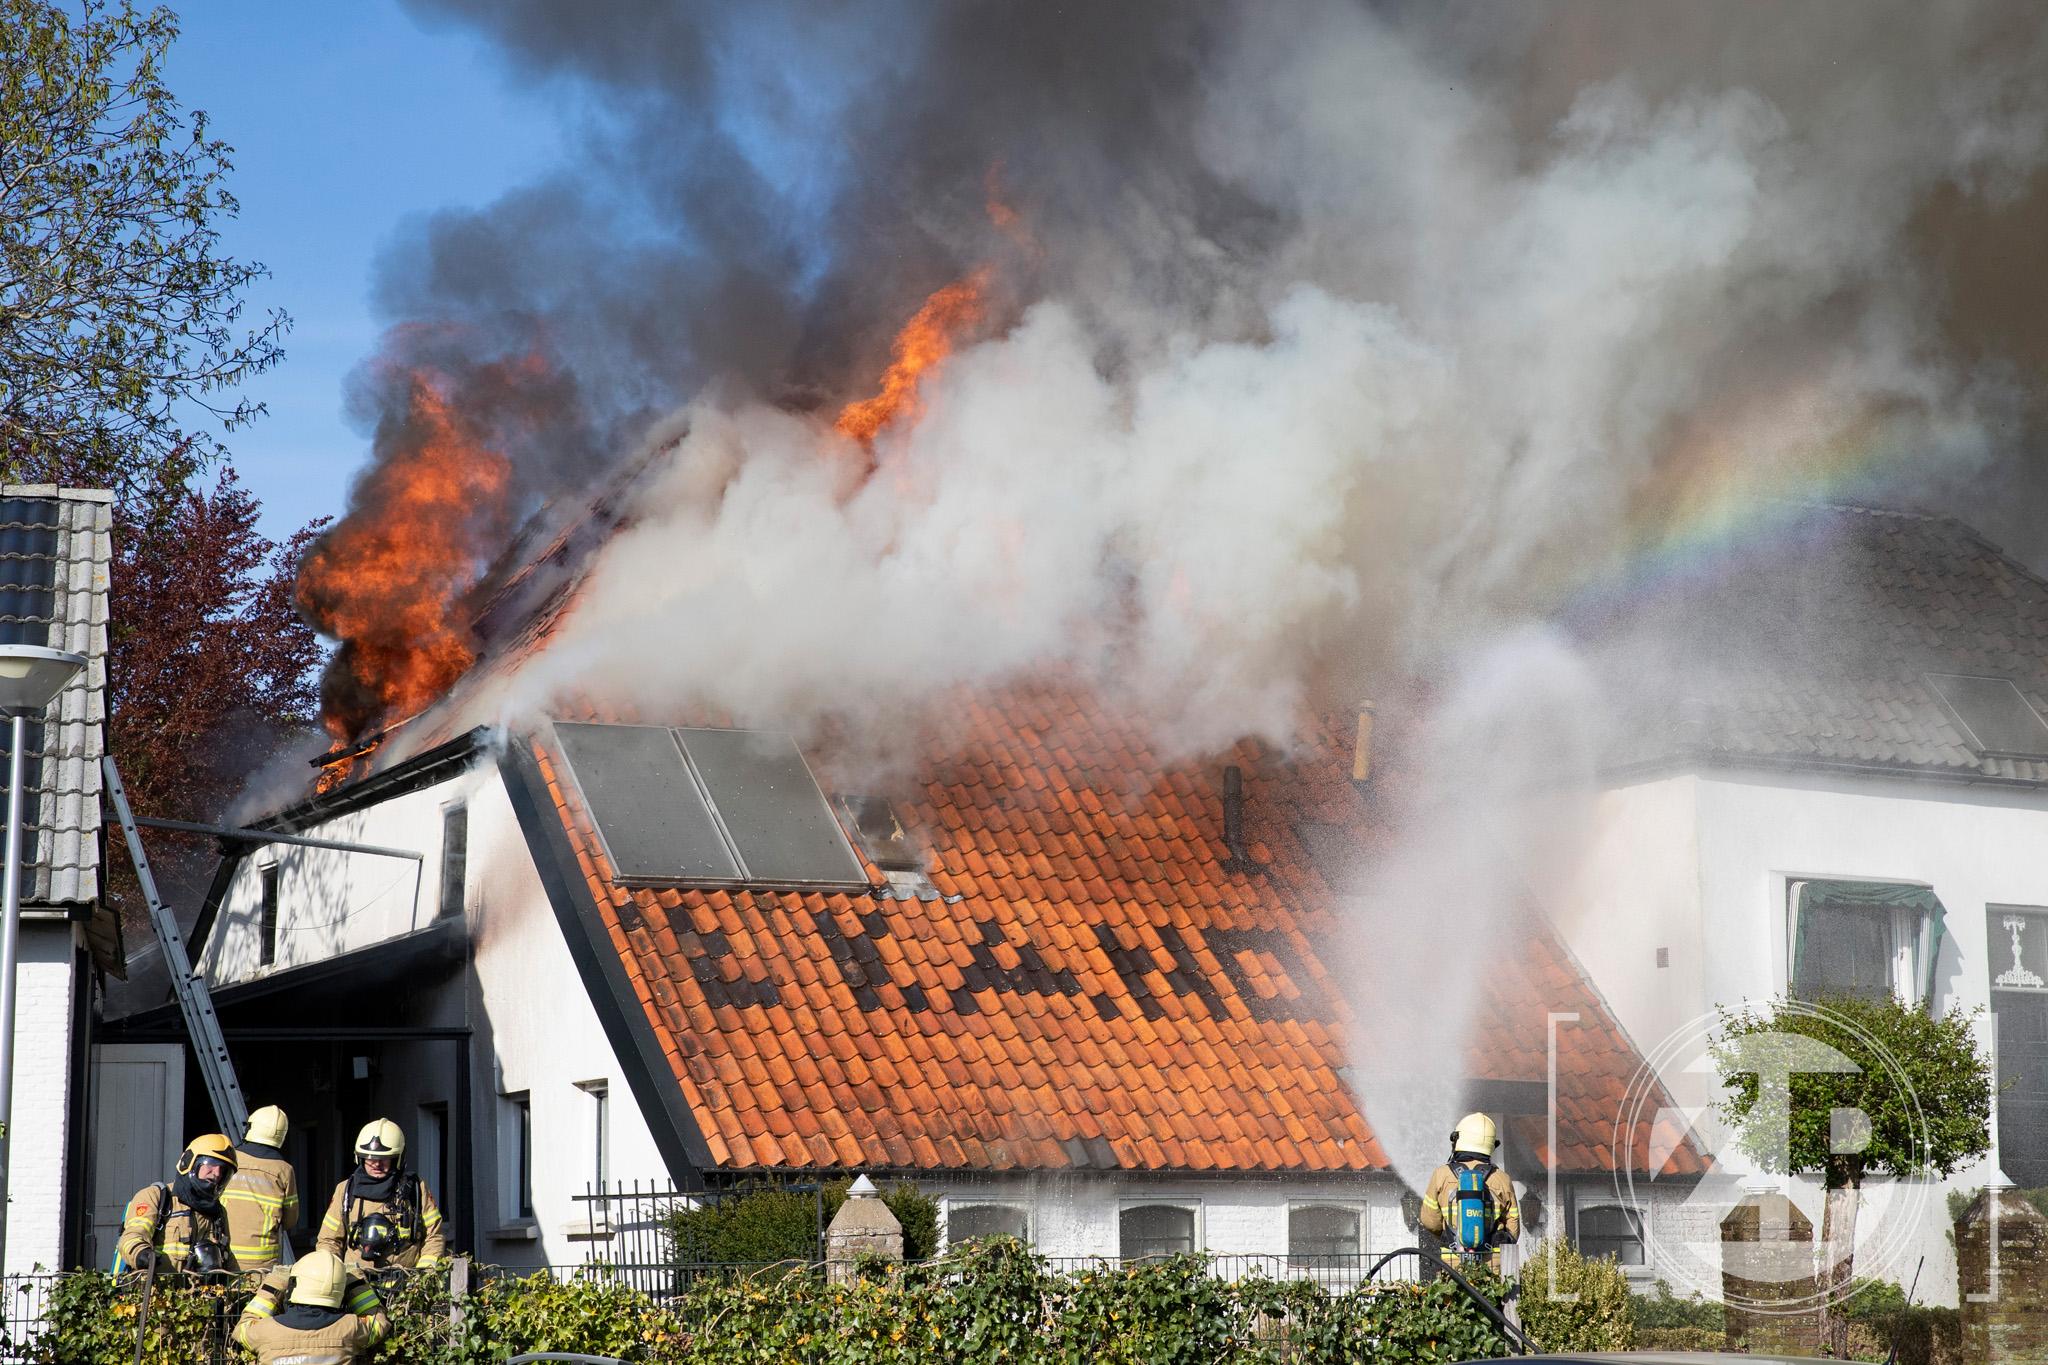 Zeer grote brand aan de Kanonsdijk in Zutphen. Het Kanon staat volledig in de brand' De brandweer is bezig met het bestrijden van de brand.